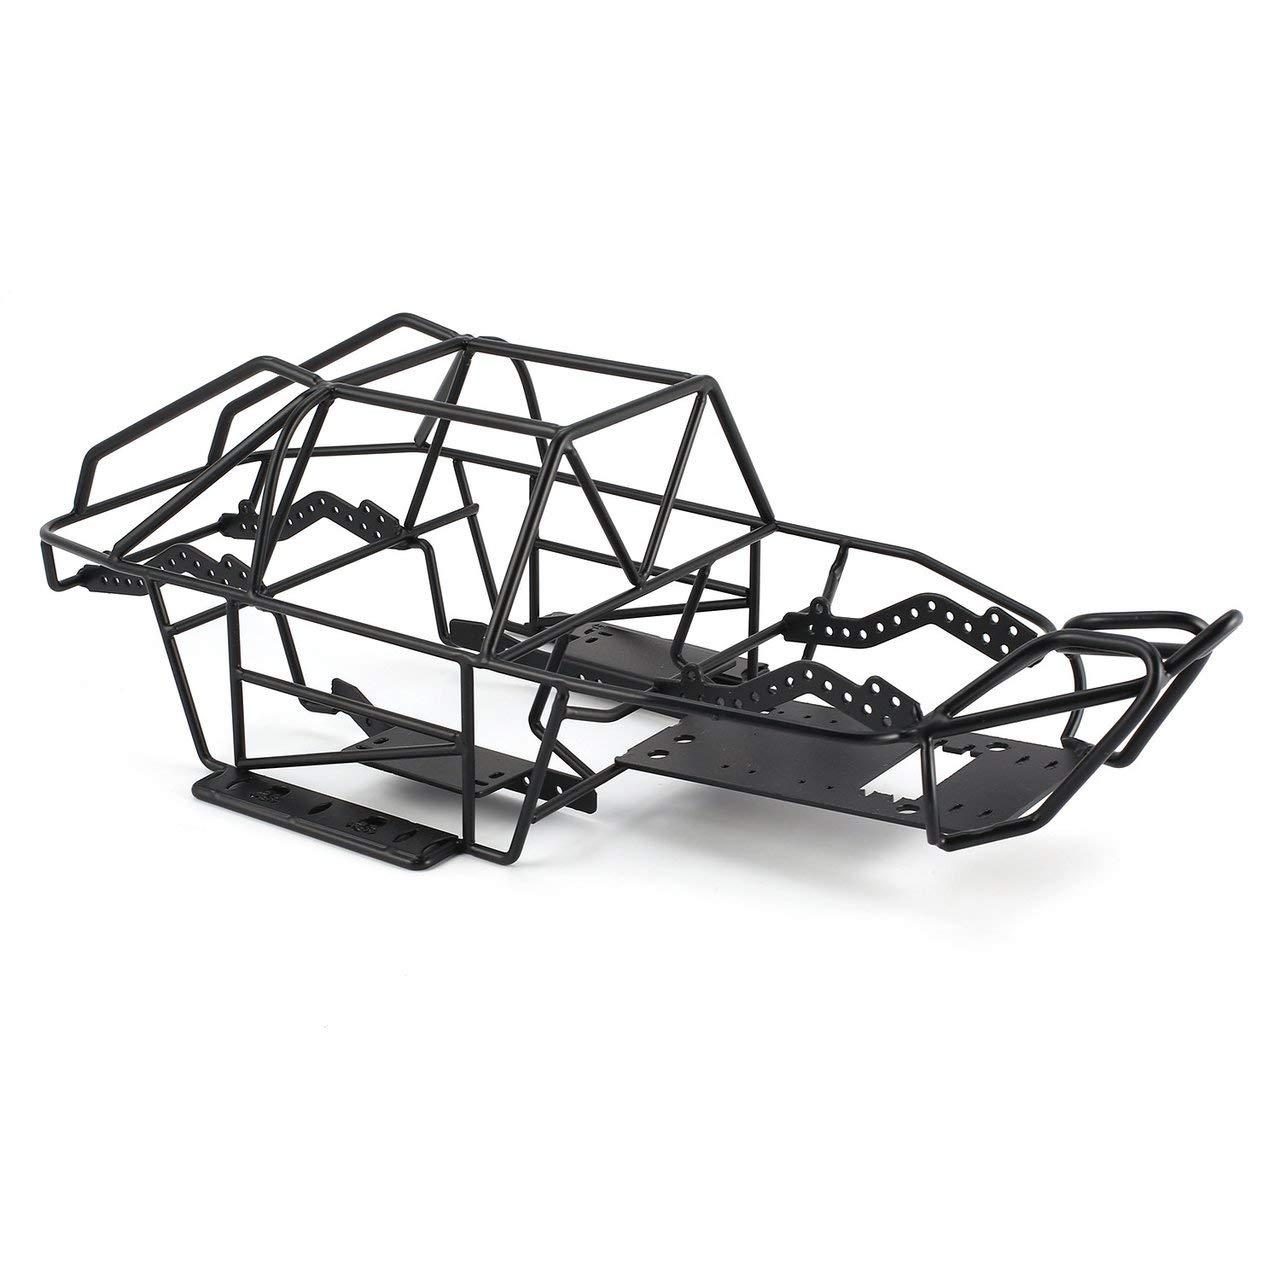 Jasnyfall Metallrollenkäfig-Fahrgestellrahmen RC Car Body für Axial Scx10II RC Car Crawler Schwarz